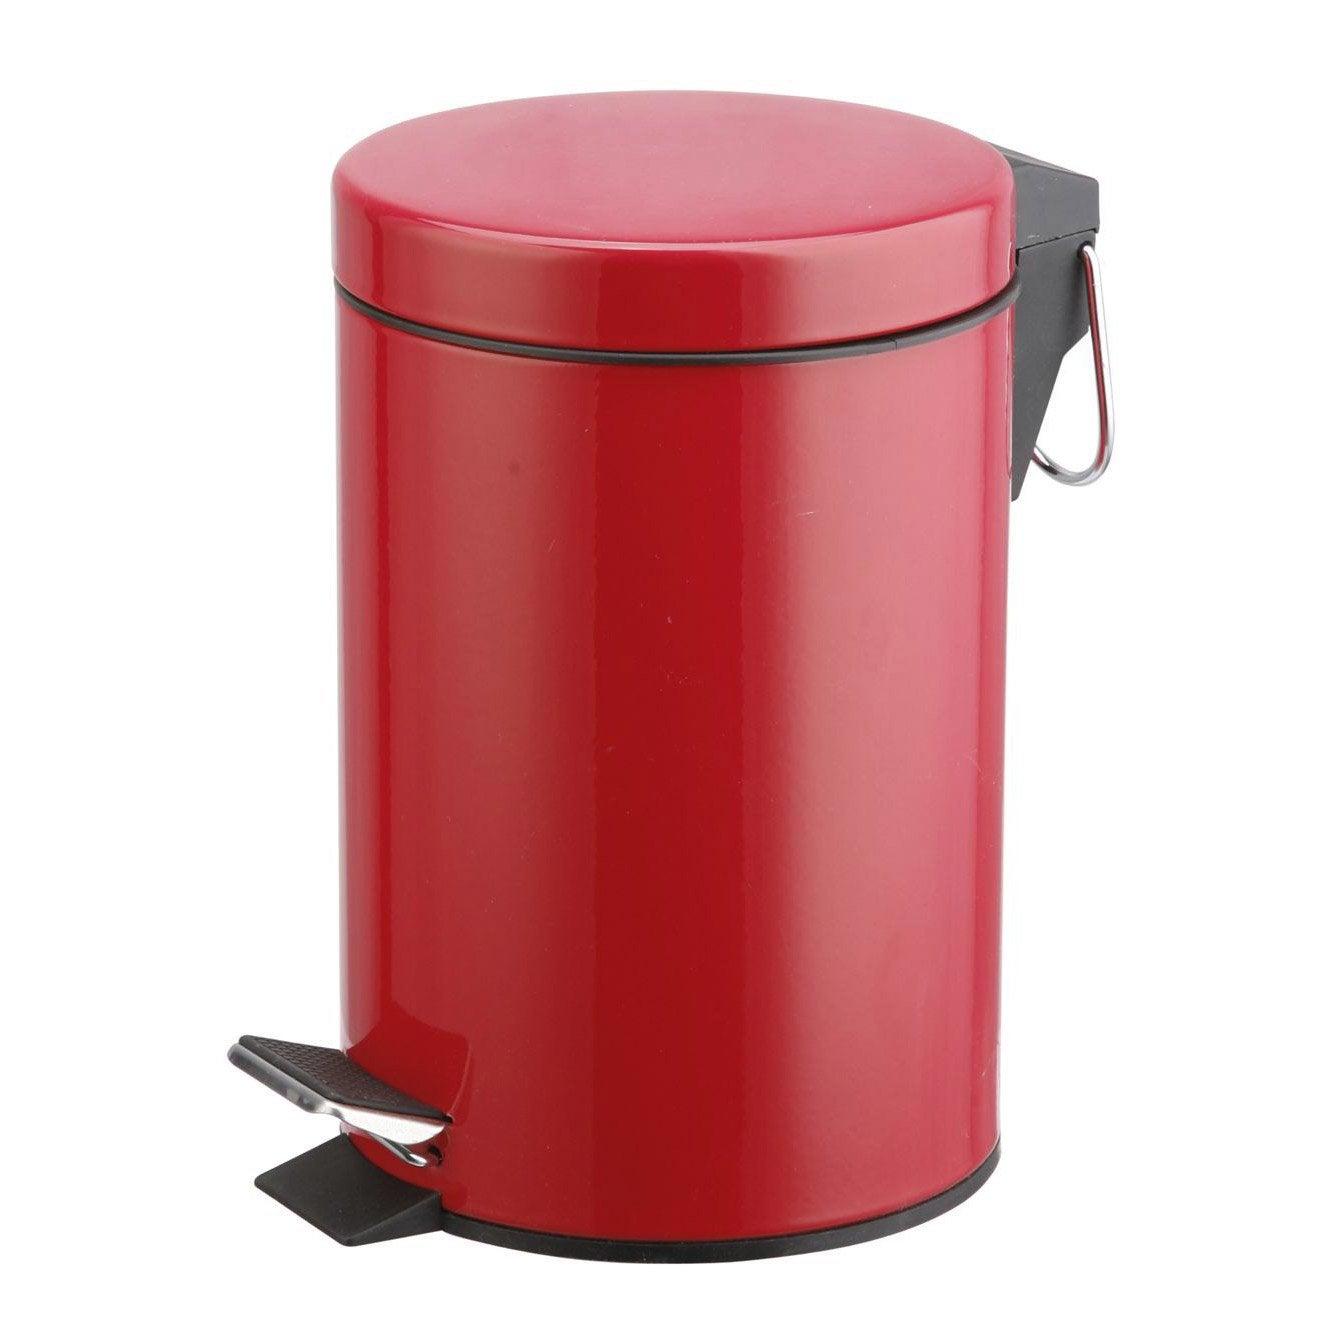 Poubelle de salle de bains 3 l rouge rouge 3 sensea happy for Poubelle salle de bain leroy merlin